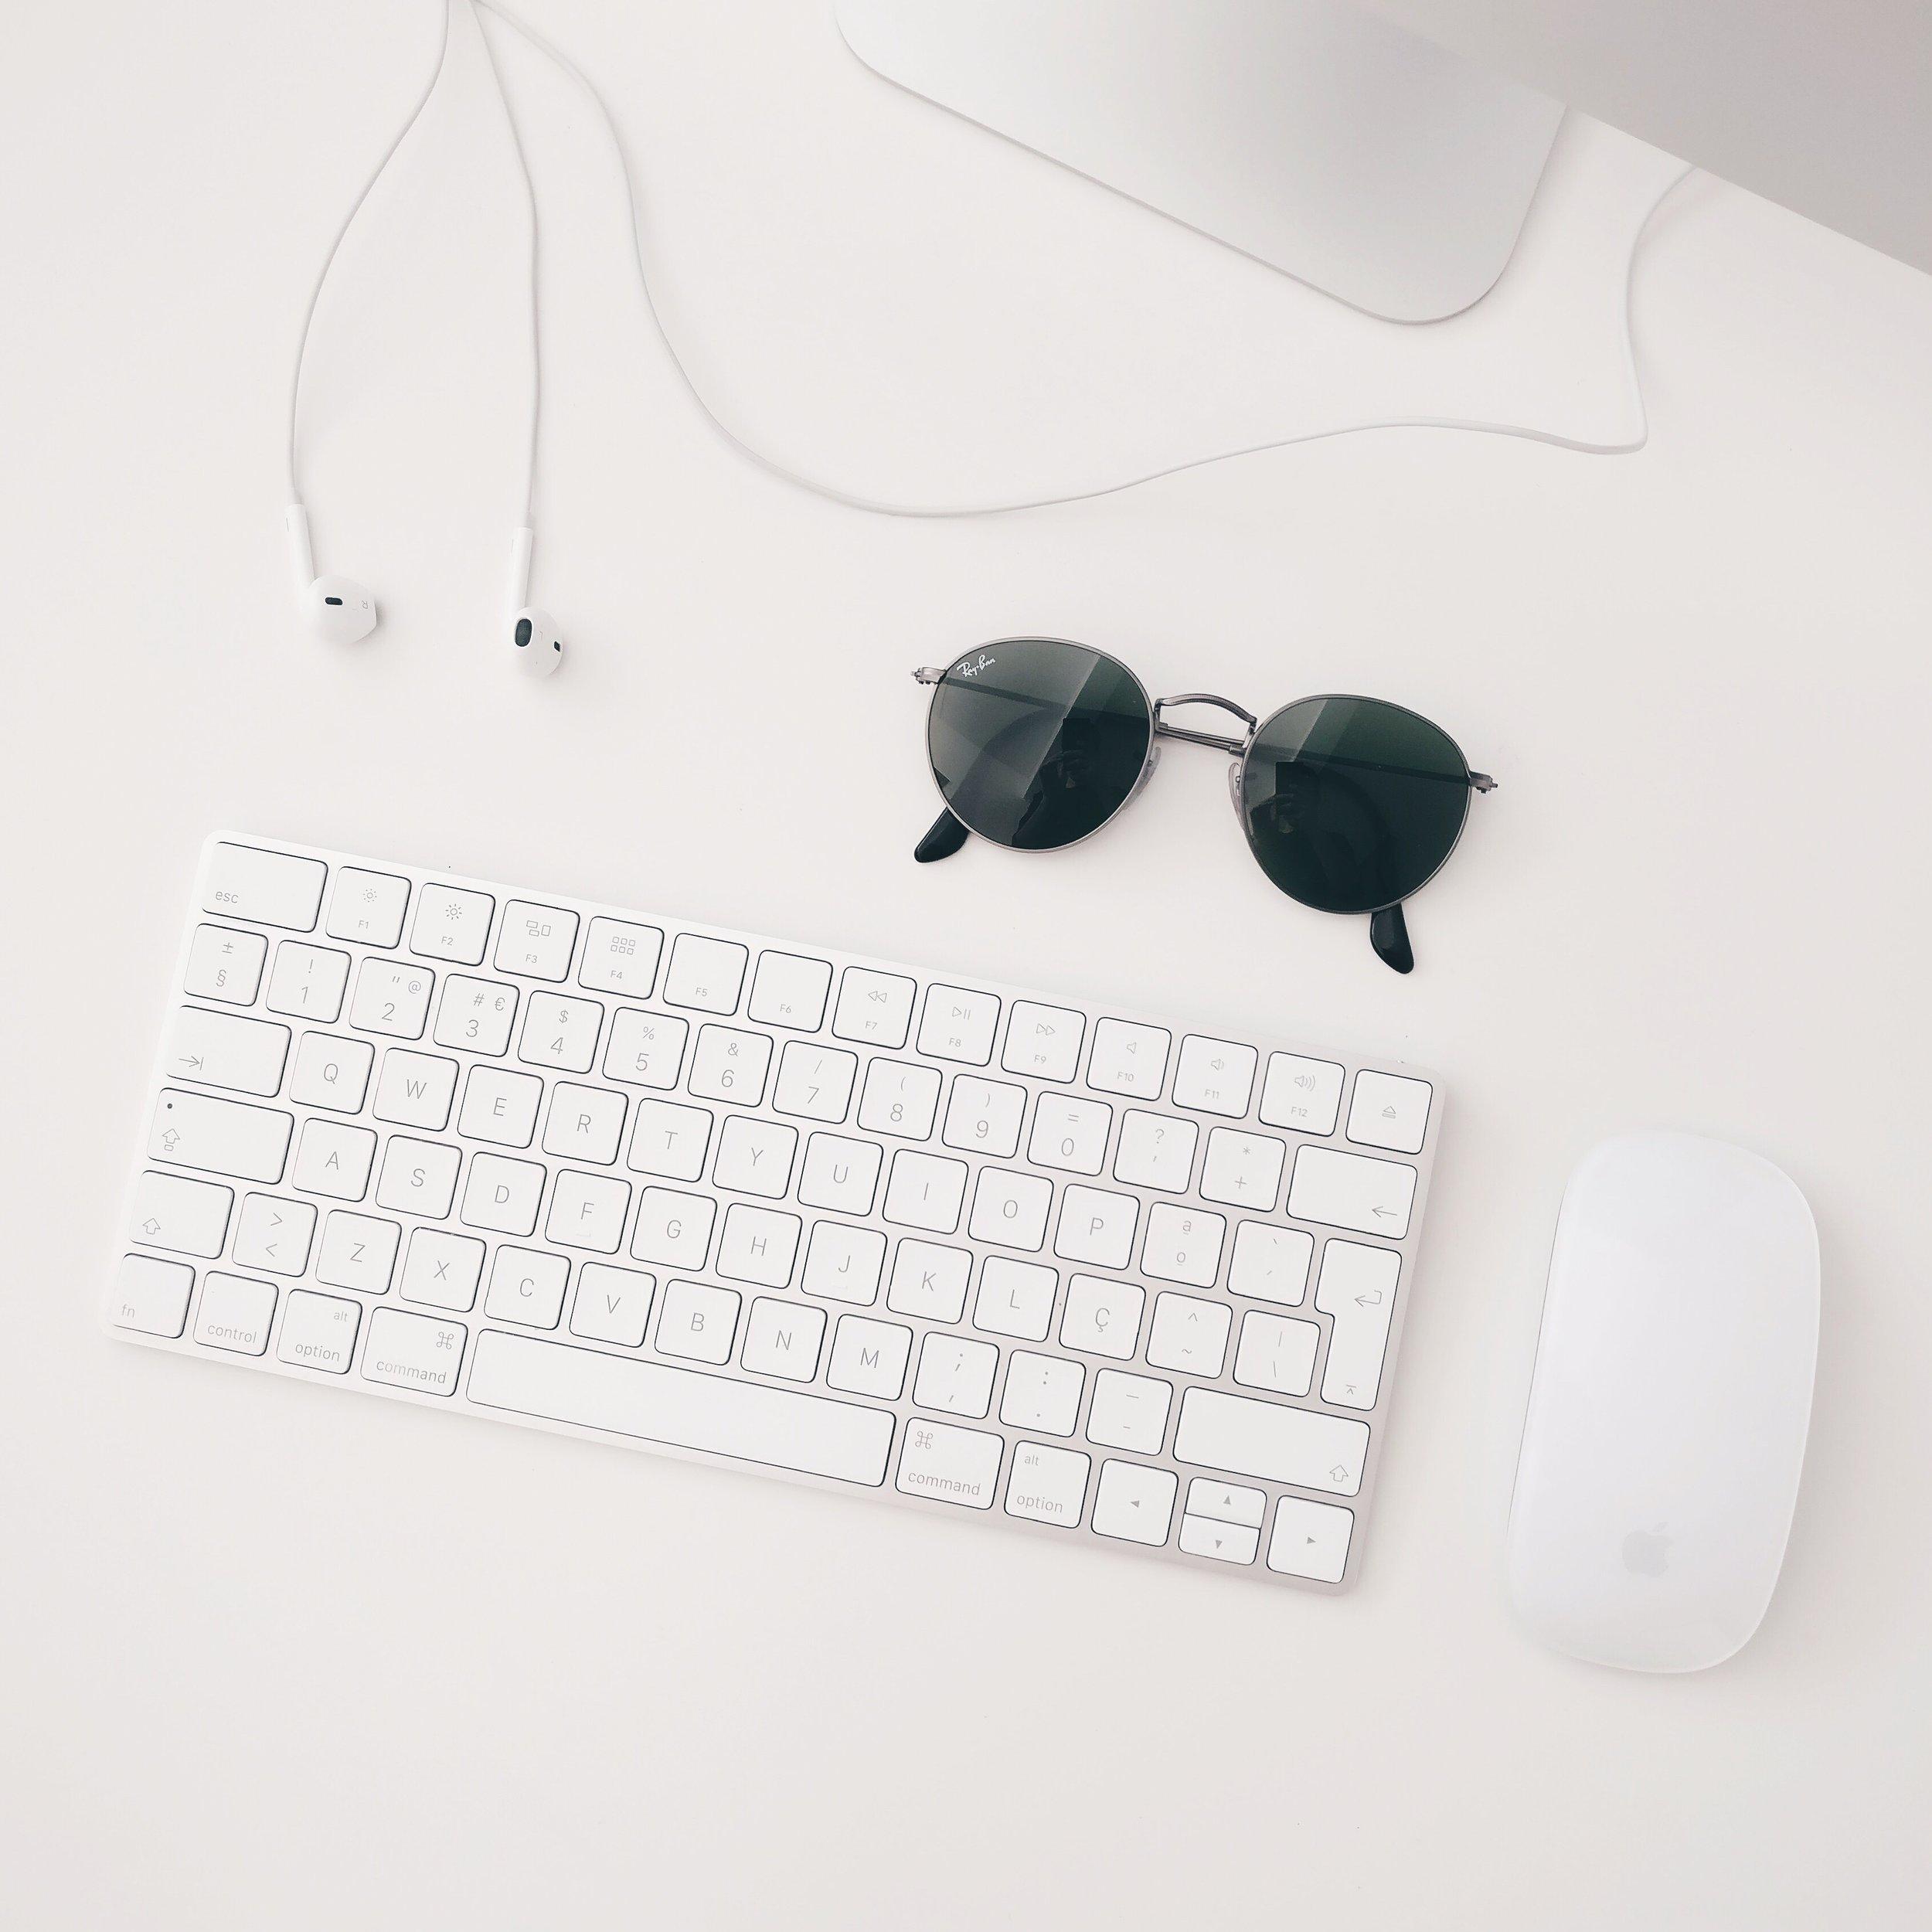 keyboard-sunglasses.JPG